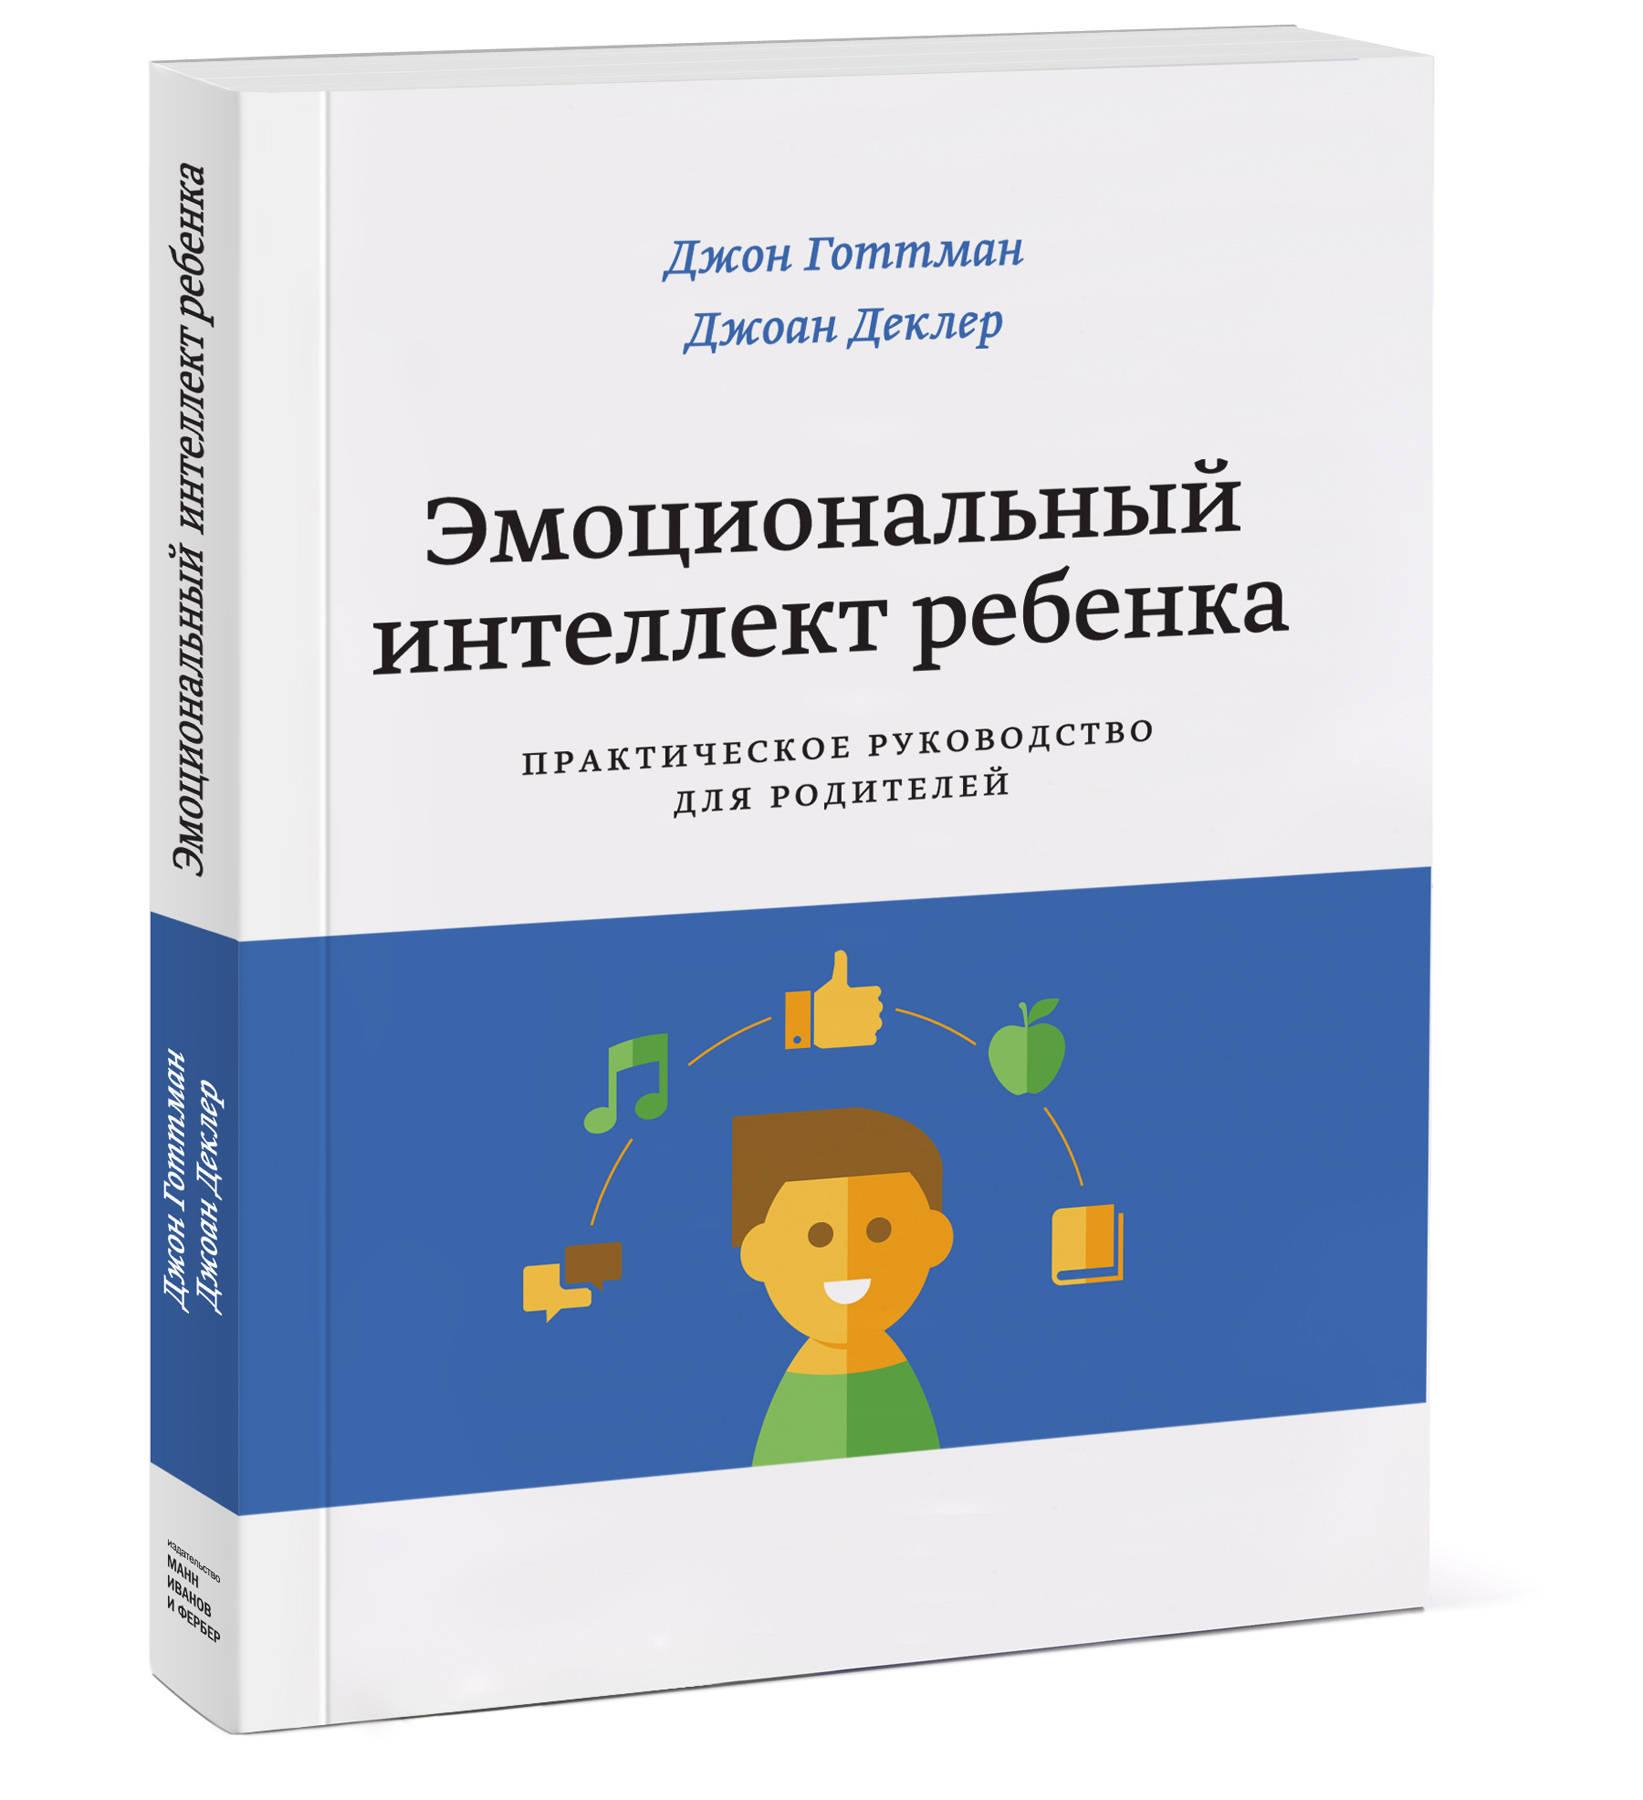 Джон Готтман, Джоан Деклер Эмоциональный интеллект ребенка. Практическое руководство для родителей энтони мерсино эмоциональный интеллект для менеджеров проектов практическое руководство